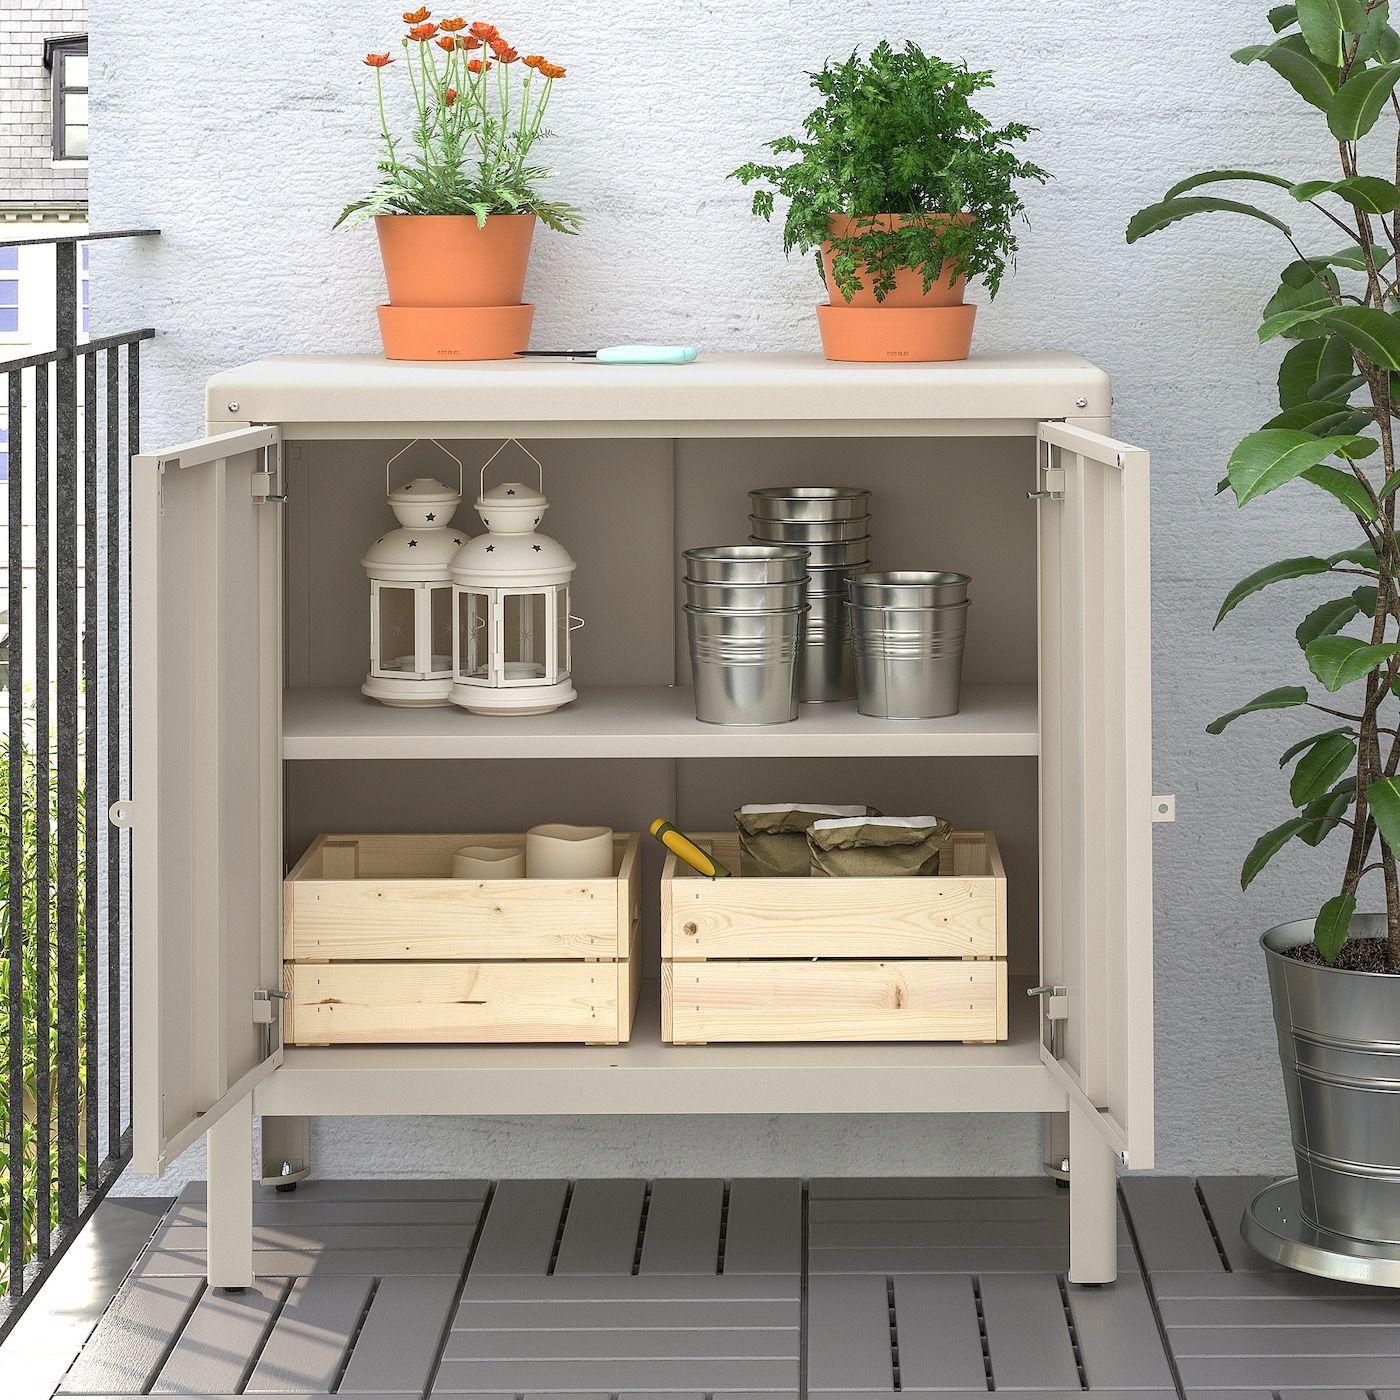 Kolbjorn Kast Binnen Buiten Beige 80x81 Cm Ikea In 2020 Outdoor Storage Cabinet Ikea Outdoor Outdoor Cabinet